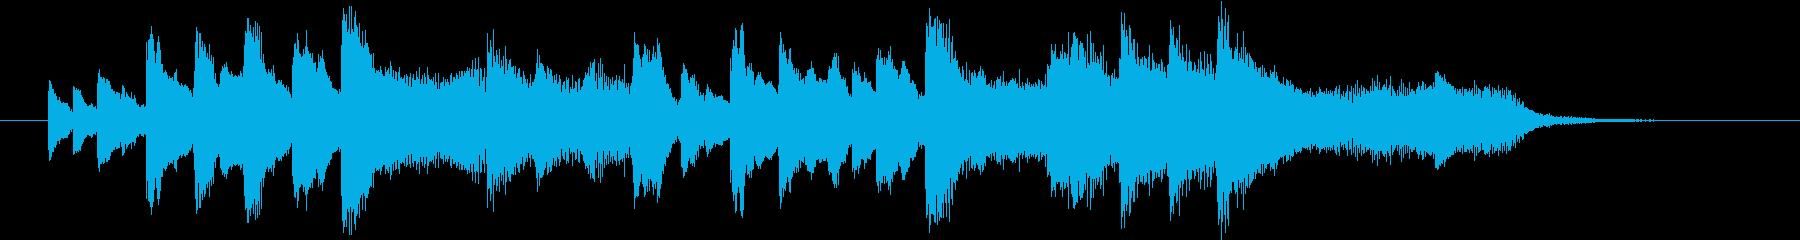 結婚式効果音_ブーケ02の再生済みの波形